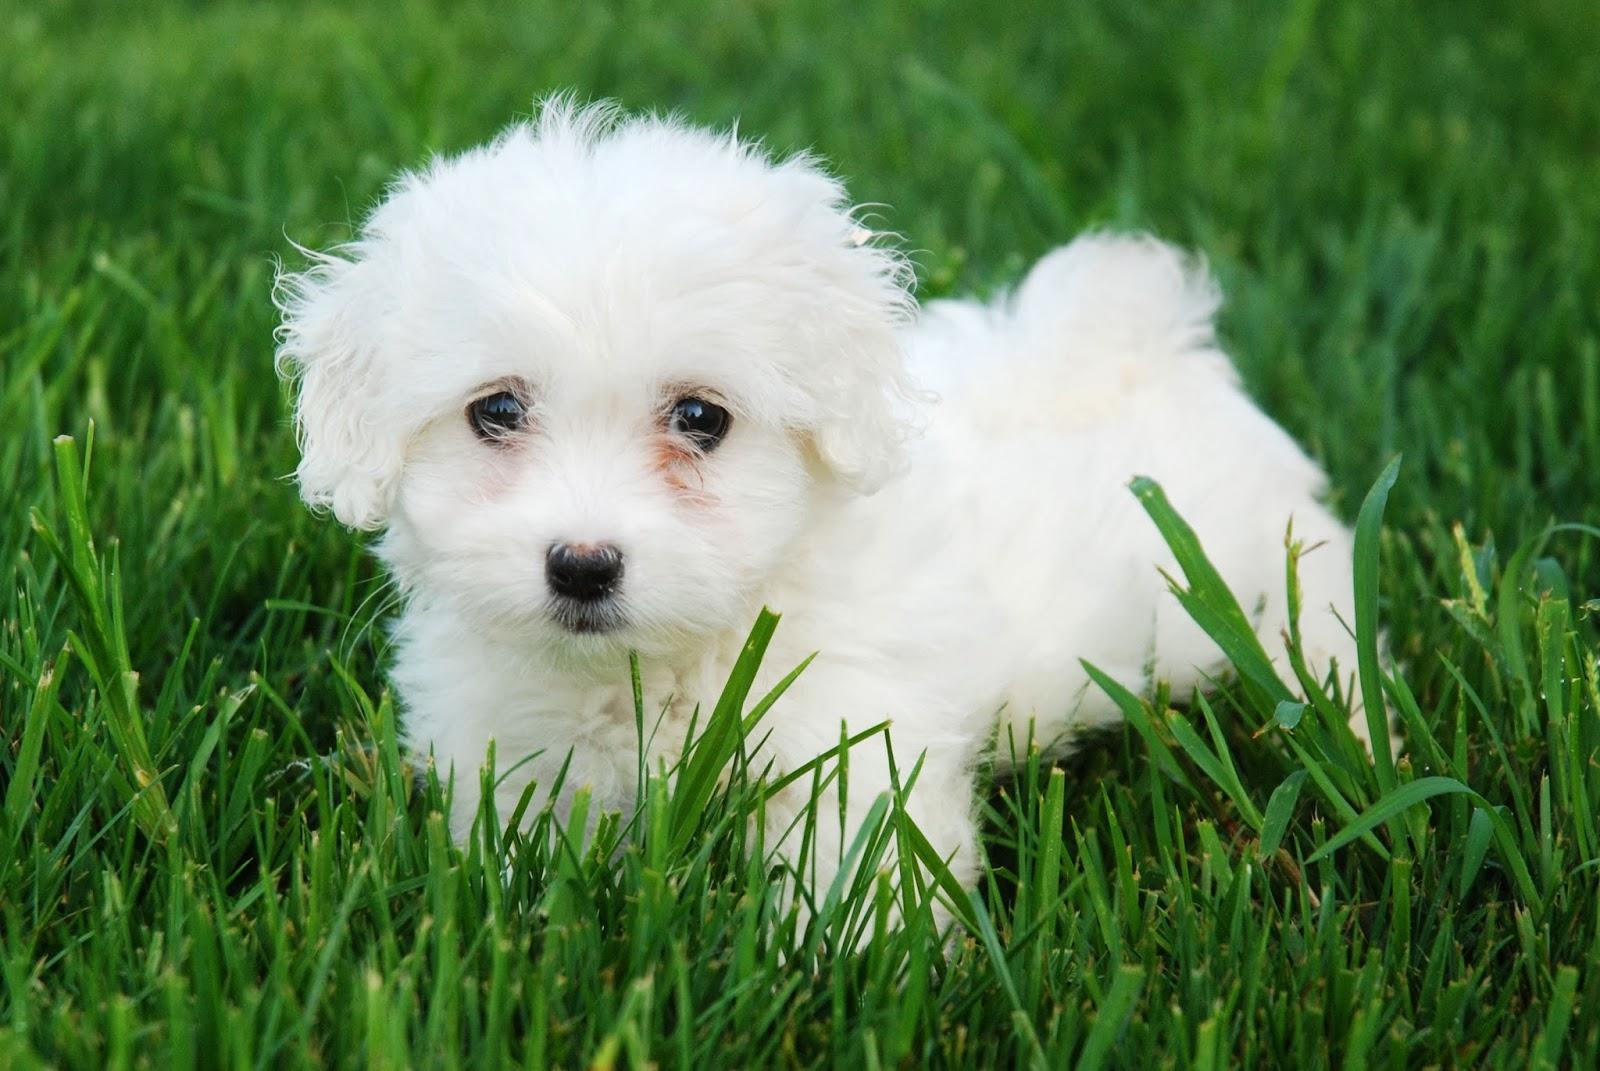 Imagenes de Perritos: Perrito tierno blanco